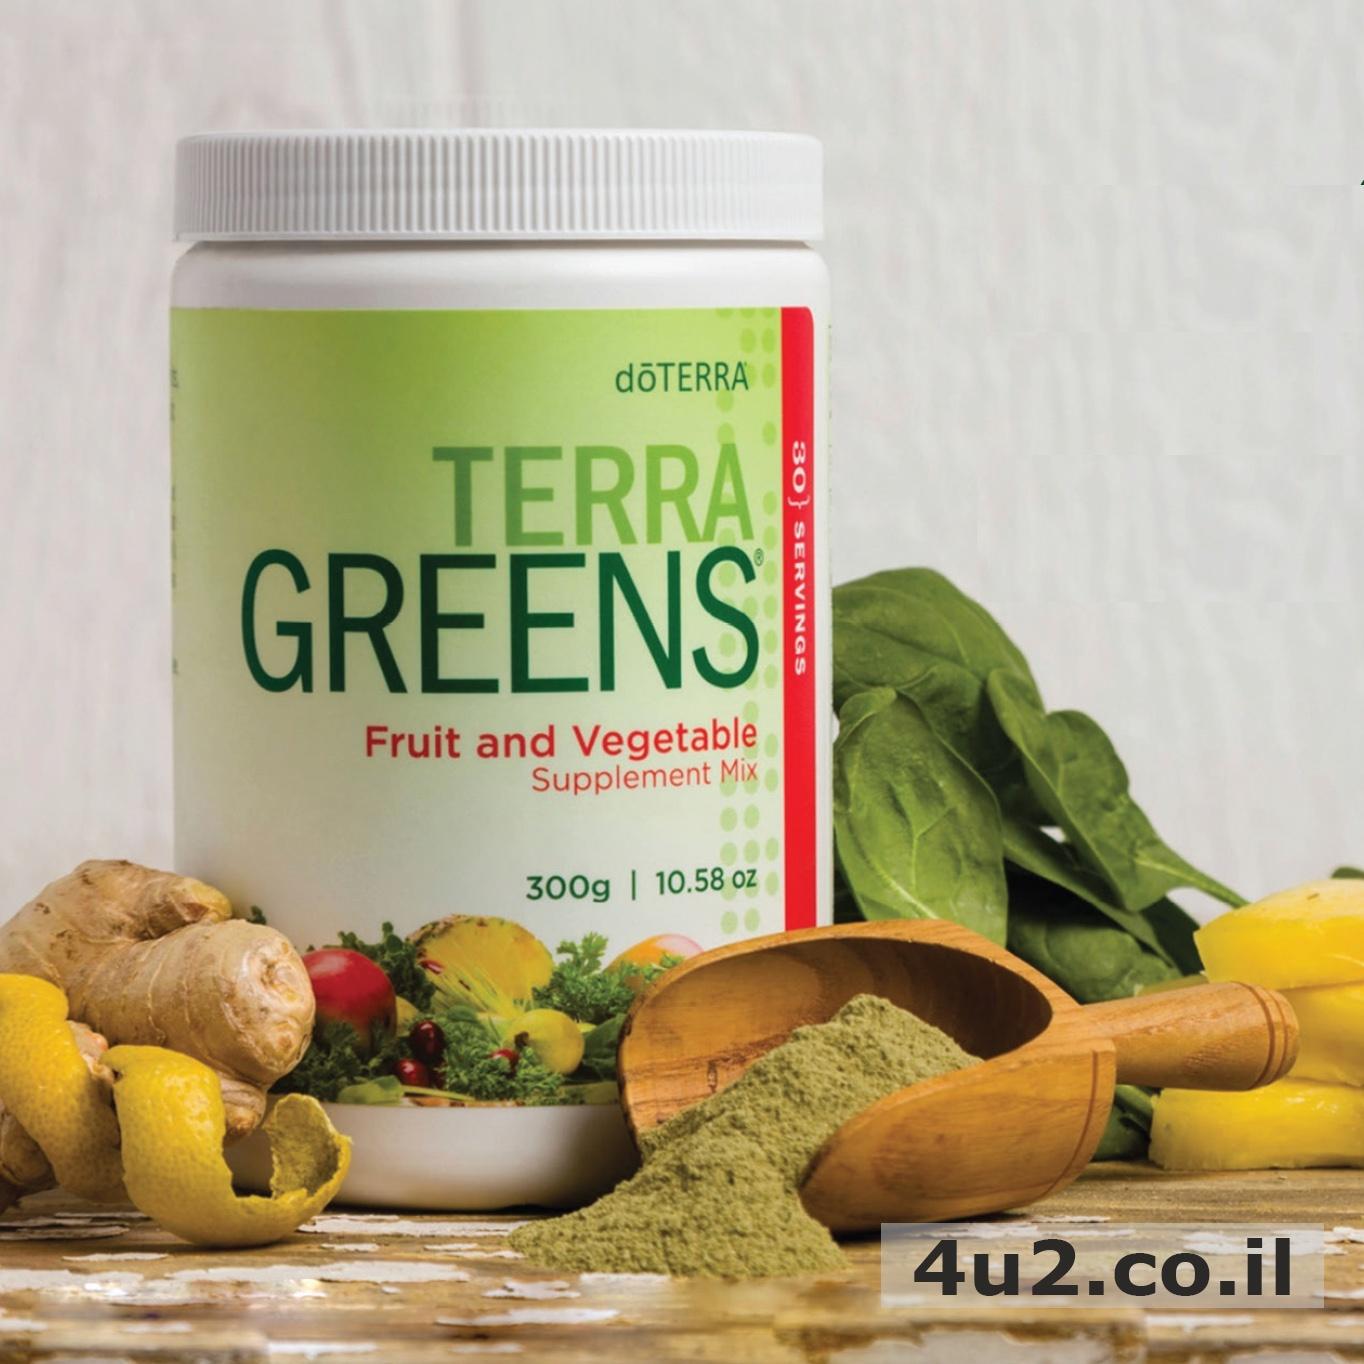 טרה גרין, משקה ירוק עם פירות